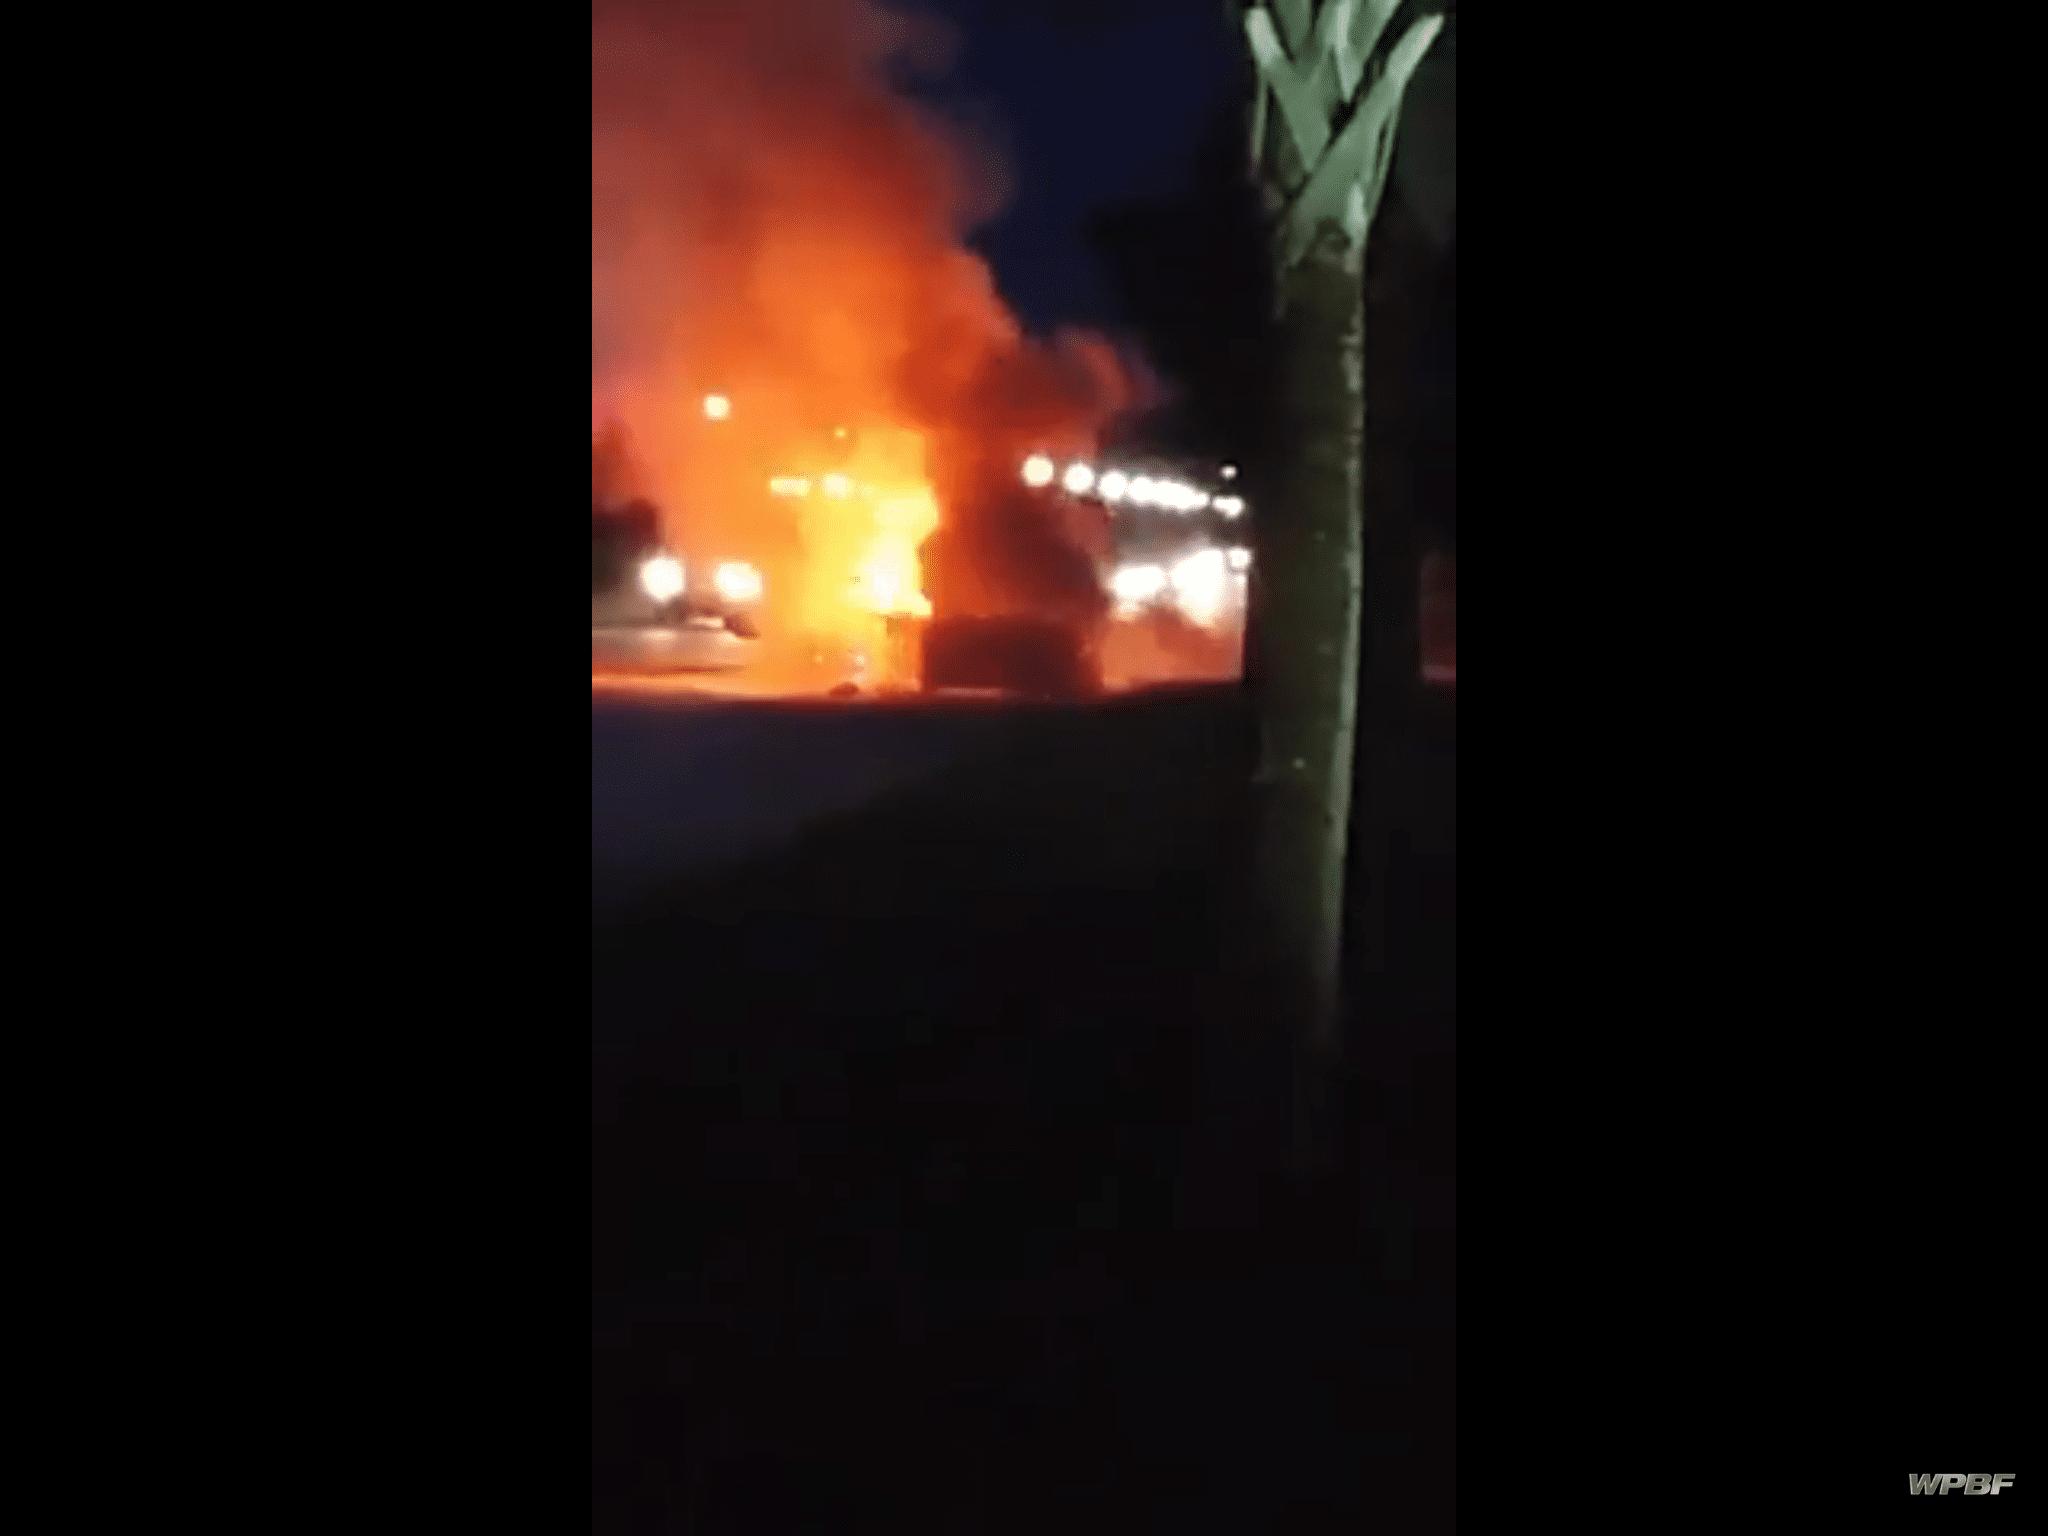 coche en llamas por culpa del Samsung Galaxy Note 7